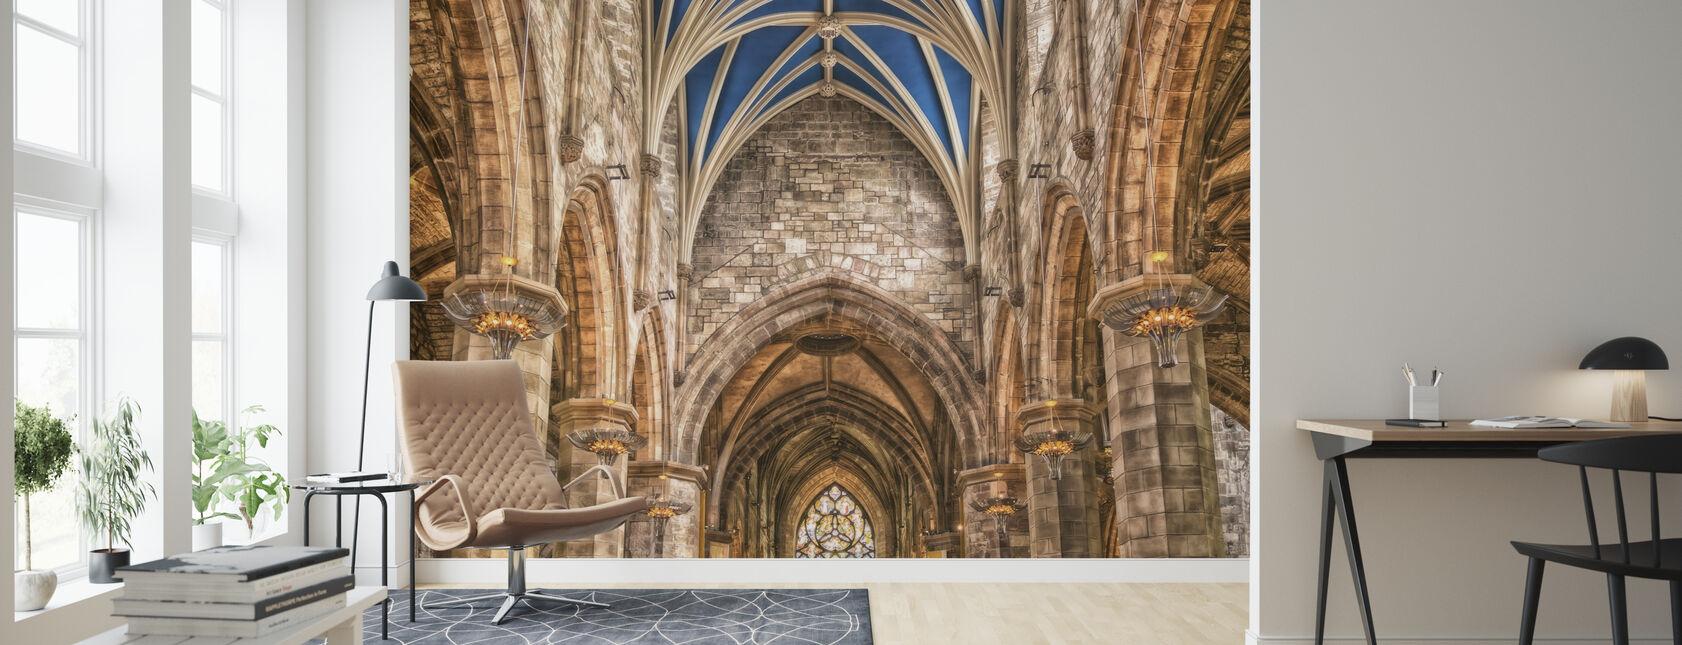 Katedralen pelare - Tapet - Vardagsrum